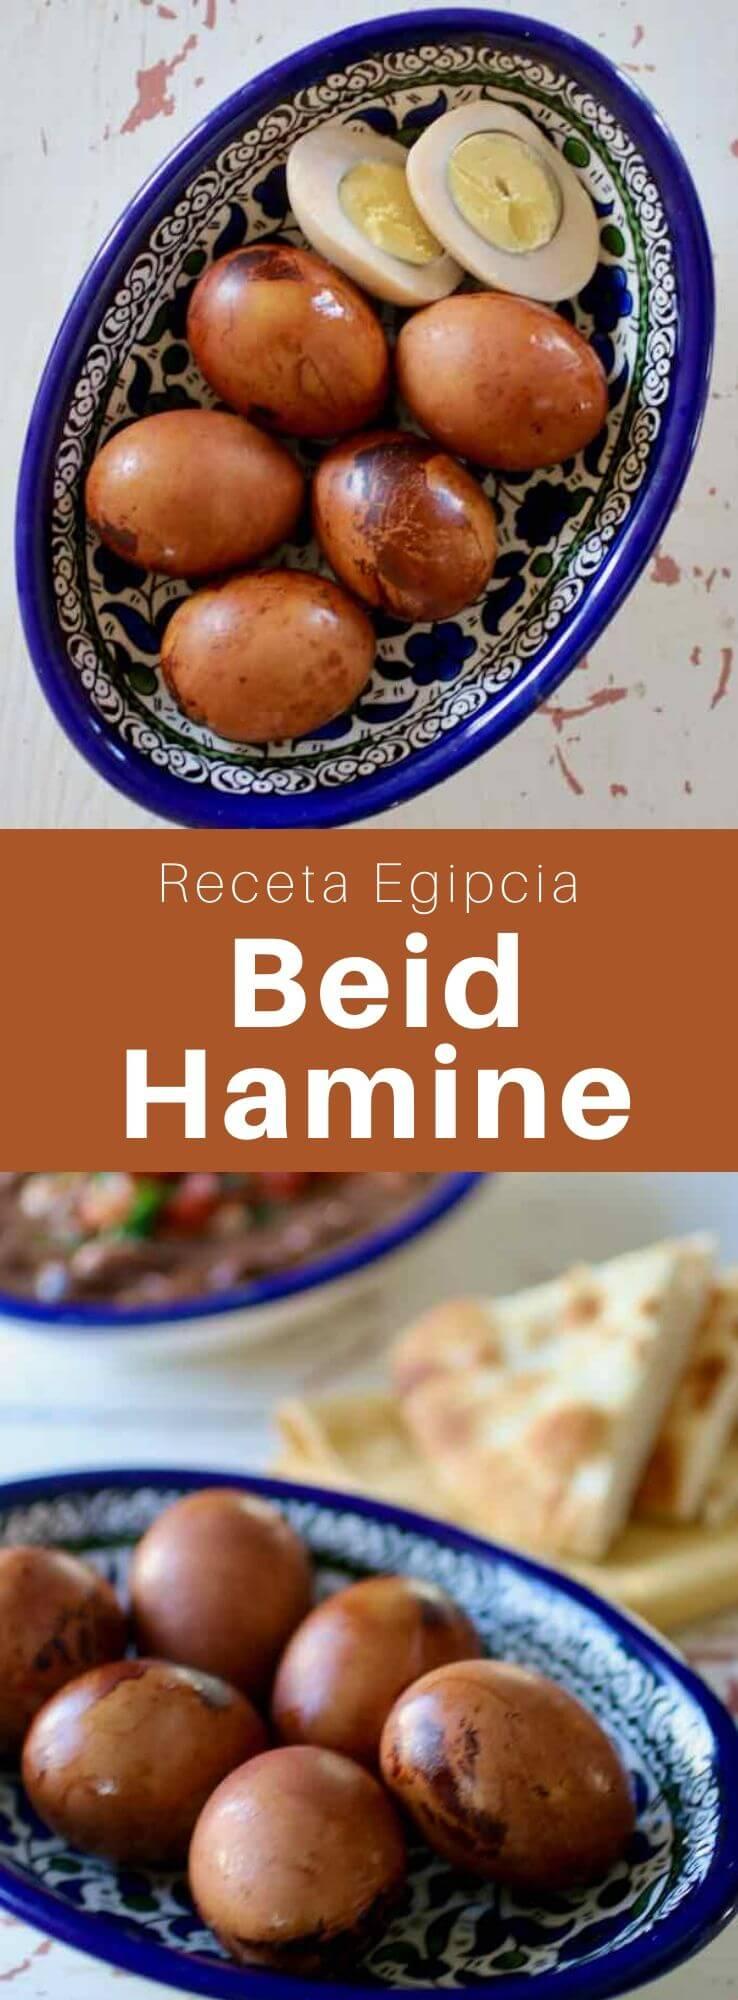 El beid hamine es una receta tradicional de la cocina judía sefardí. Se trata de unos huevos cocidos a fuego lento que se pueden encontrar en Egipto, el norte de África en general y en España.